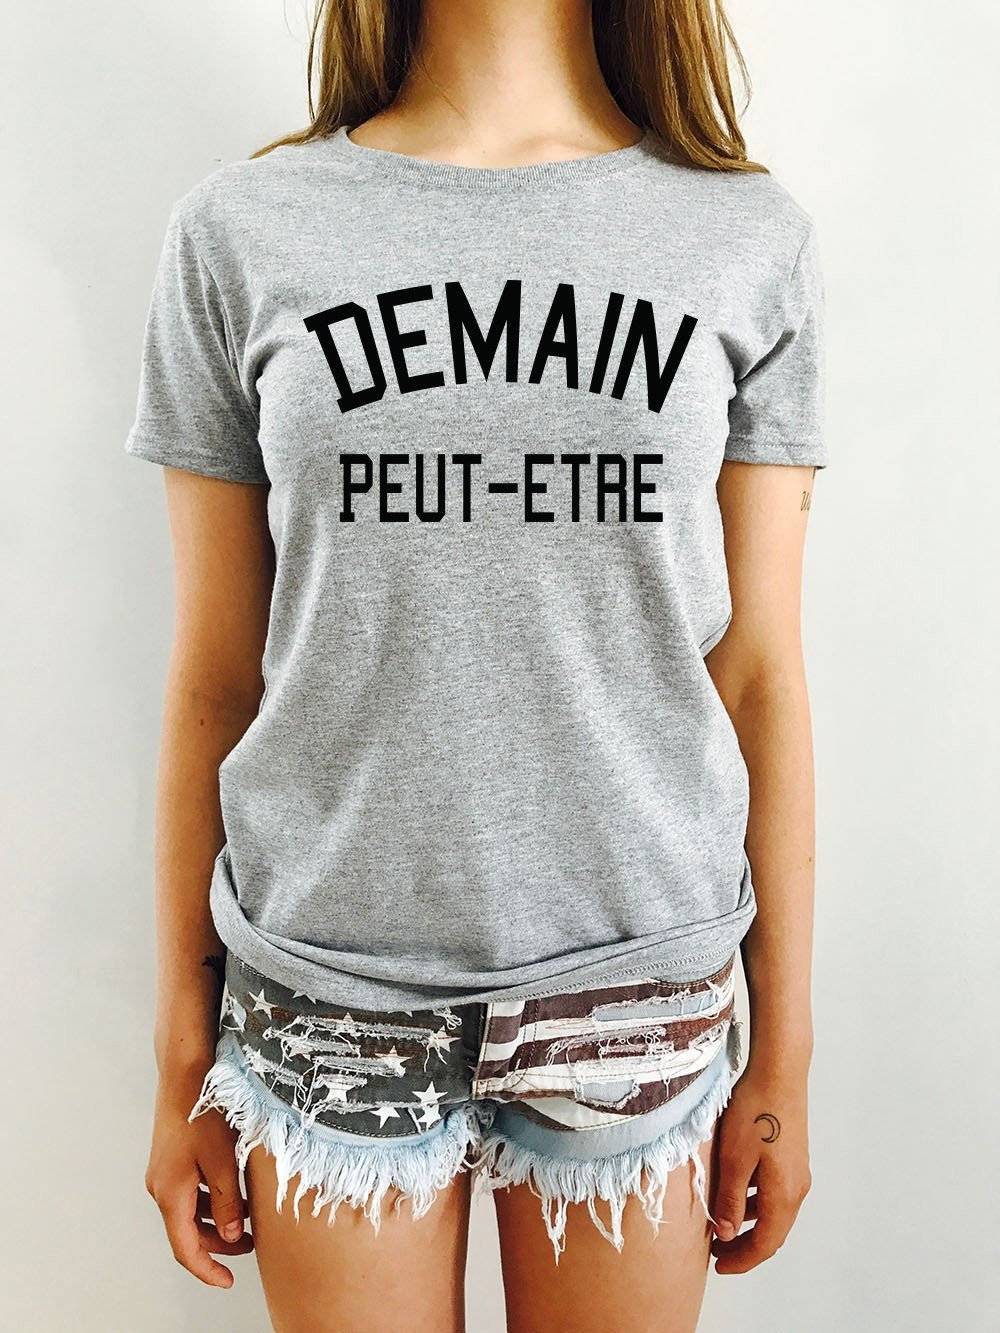 96a2c046d6f Woman T-shirt DEMAIN PEUT ÊTRE - LUXE FOR LIFE De Paris